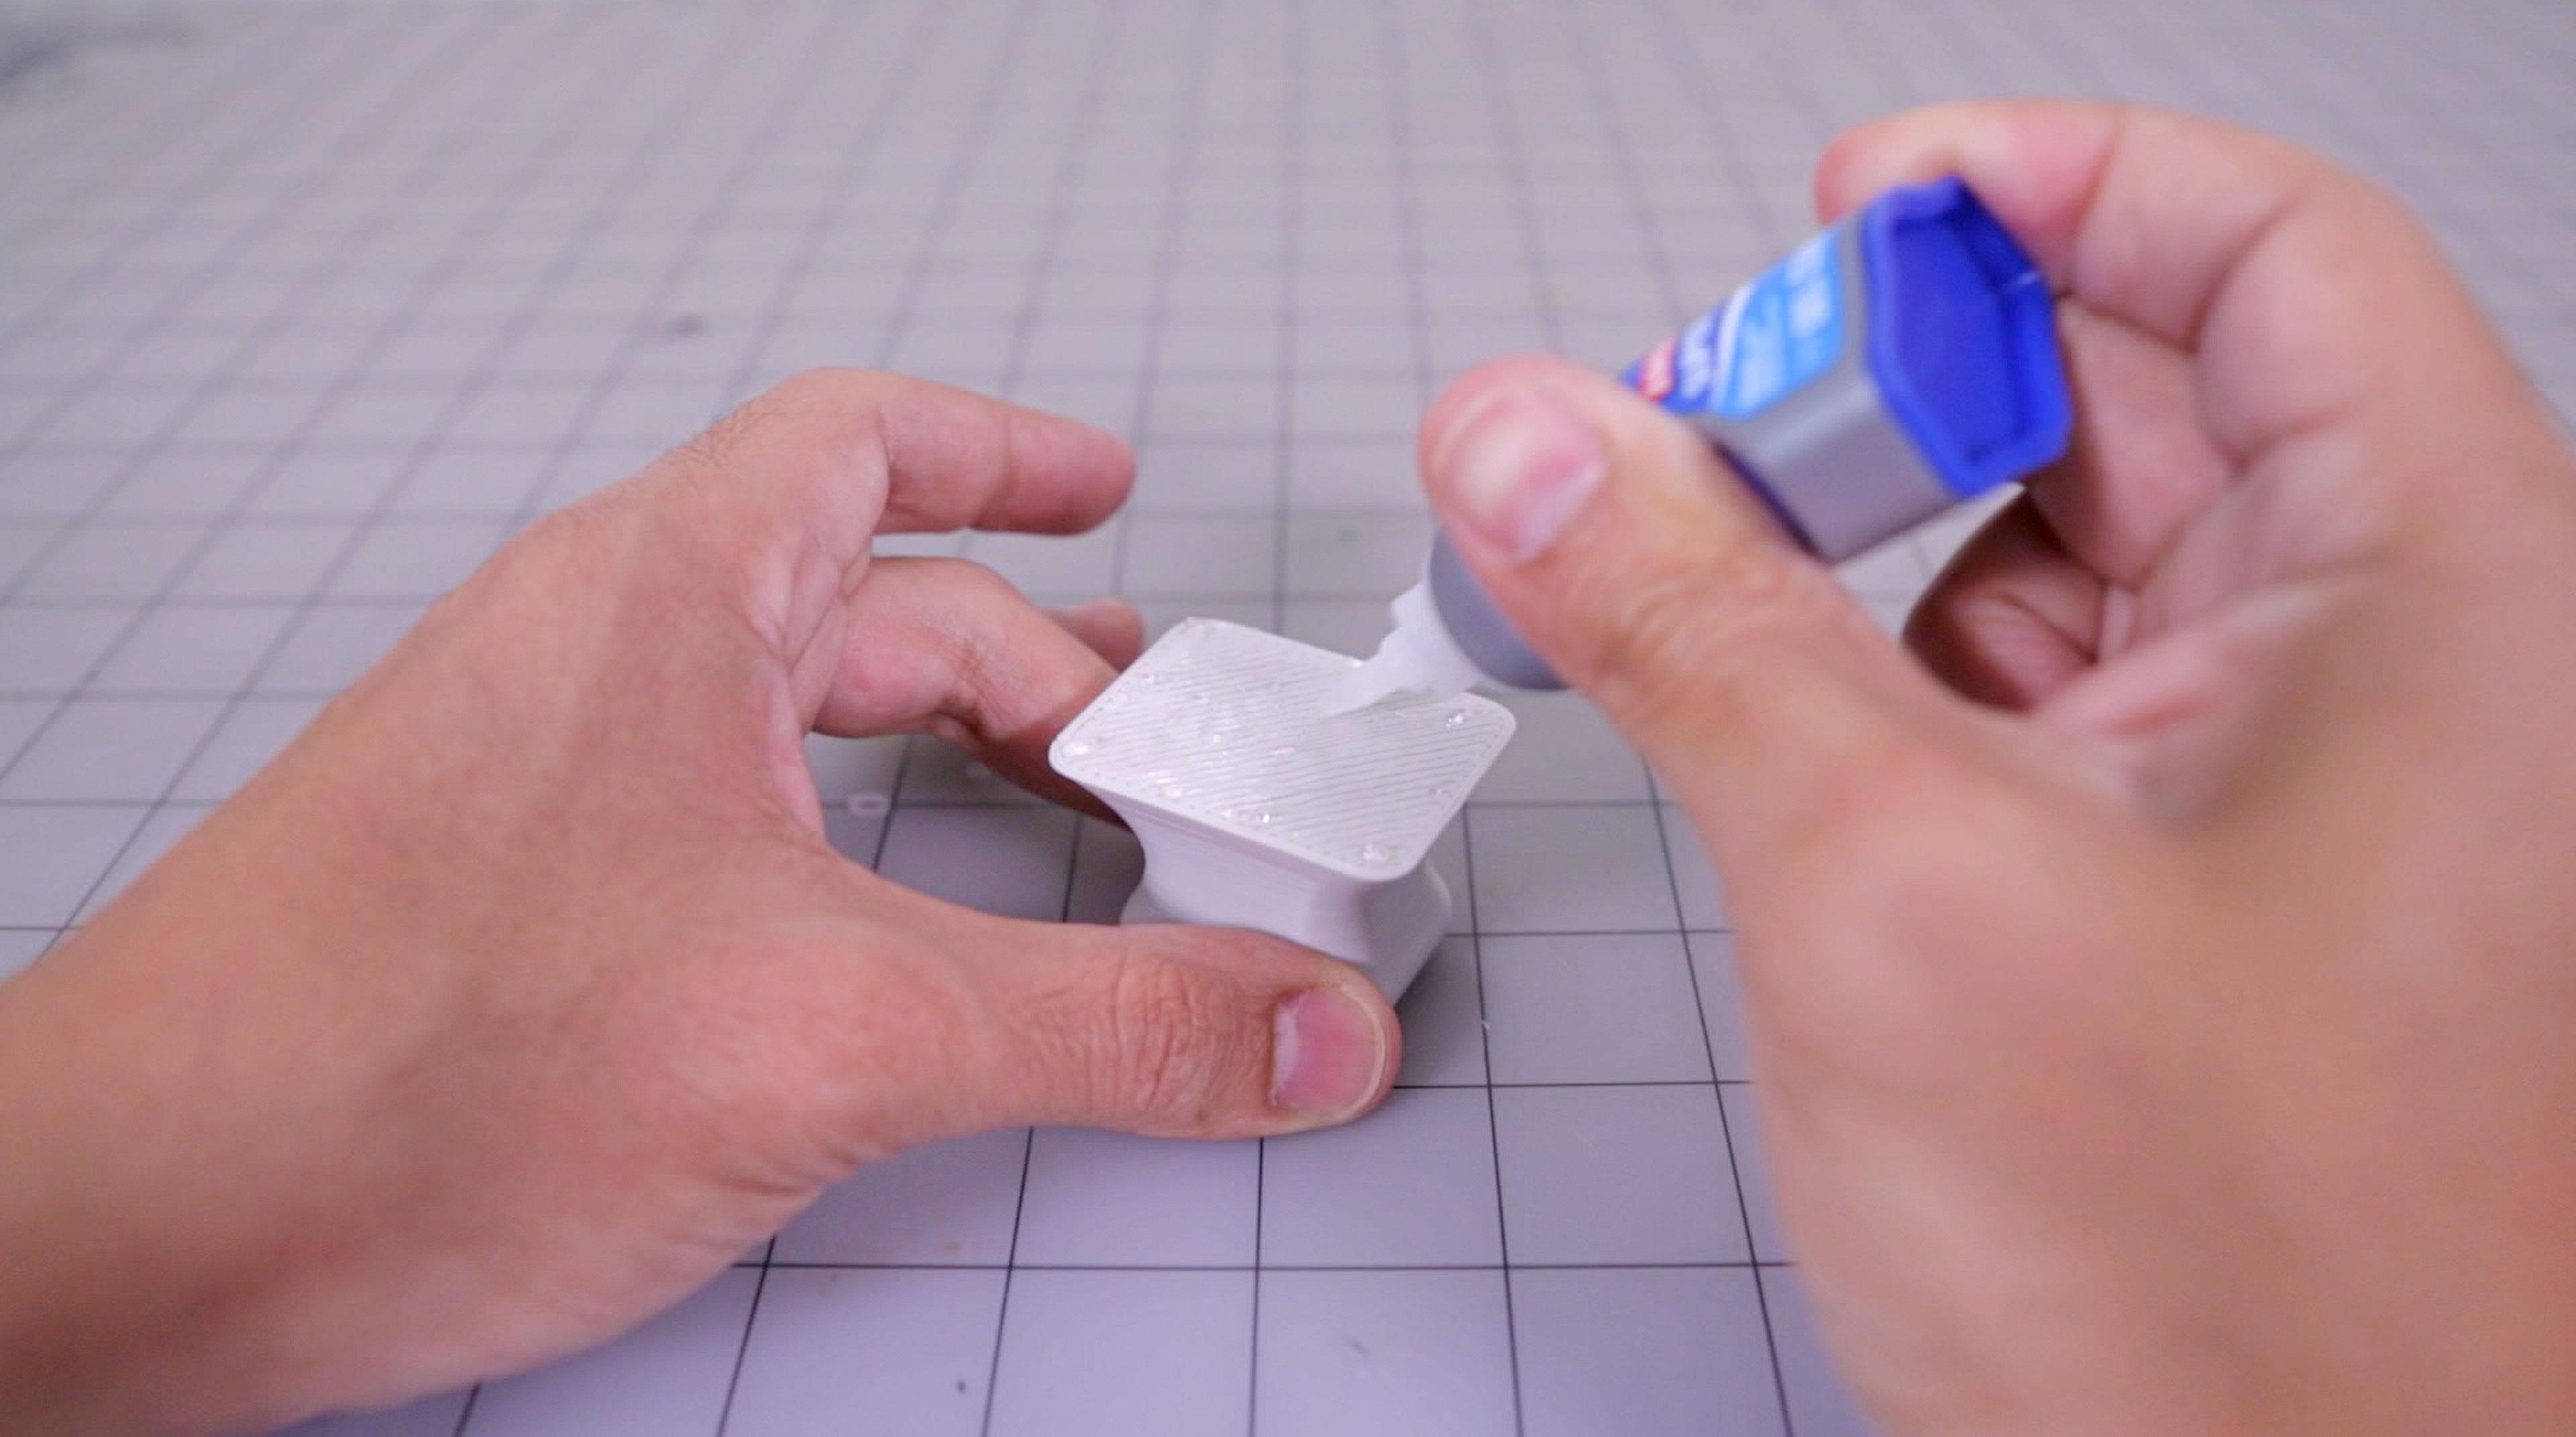 3d_printing_handle-glue.jpg